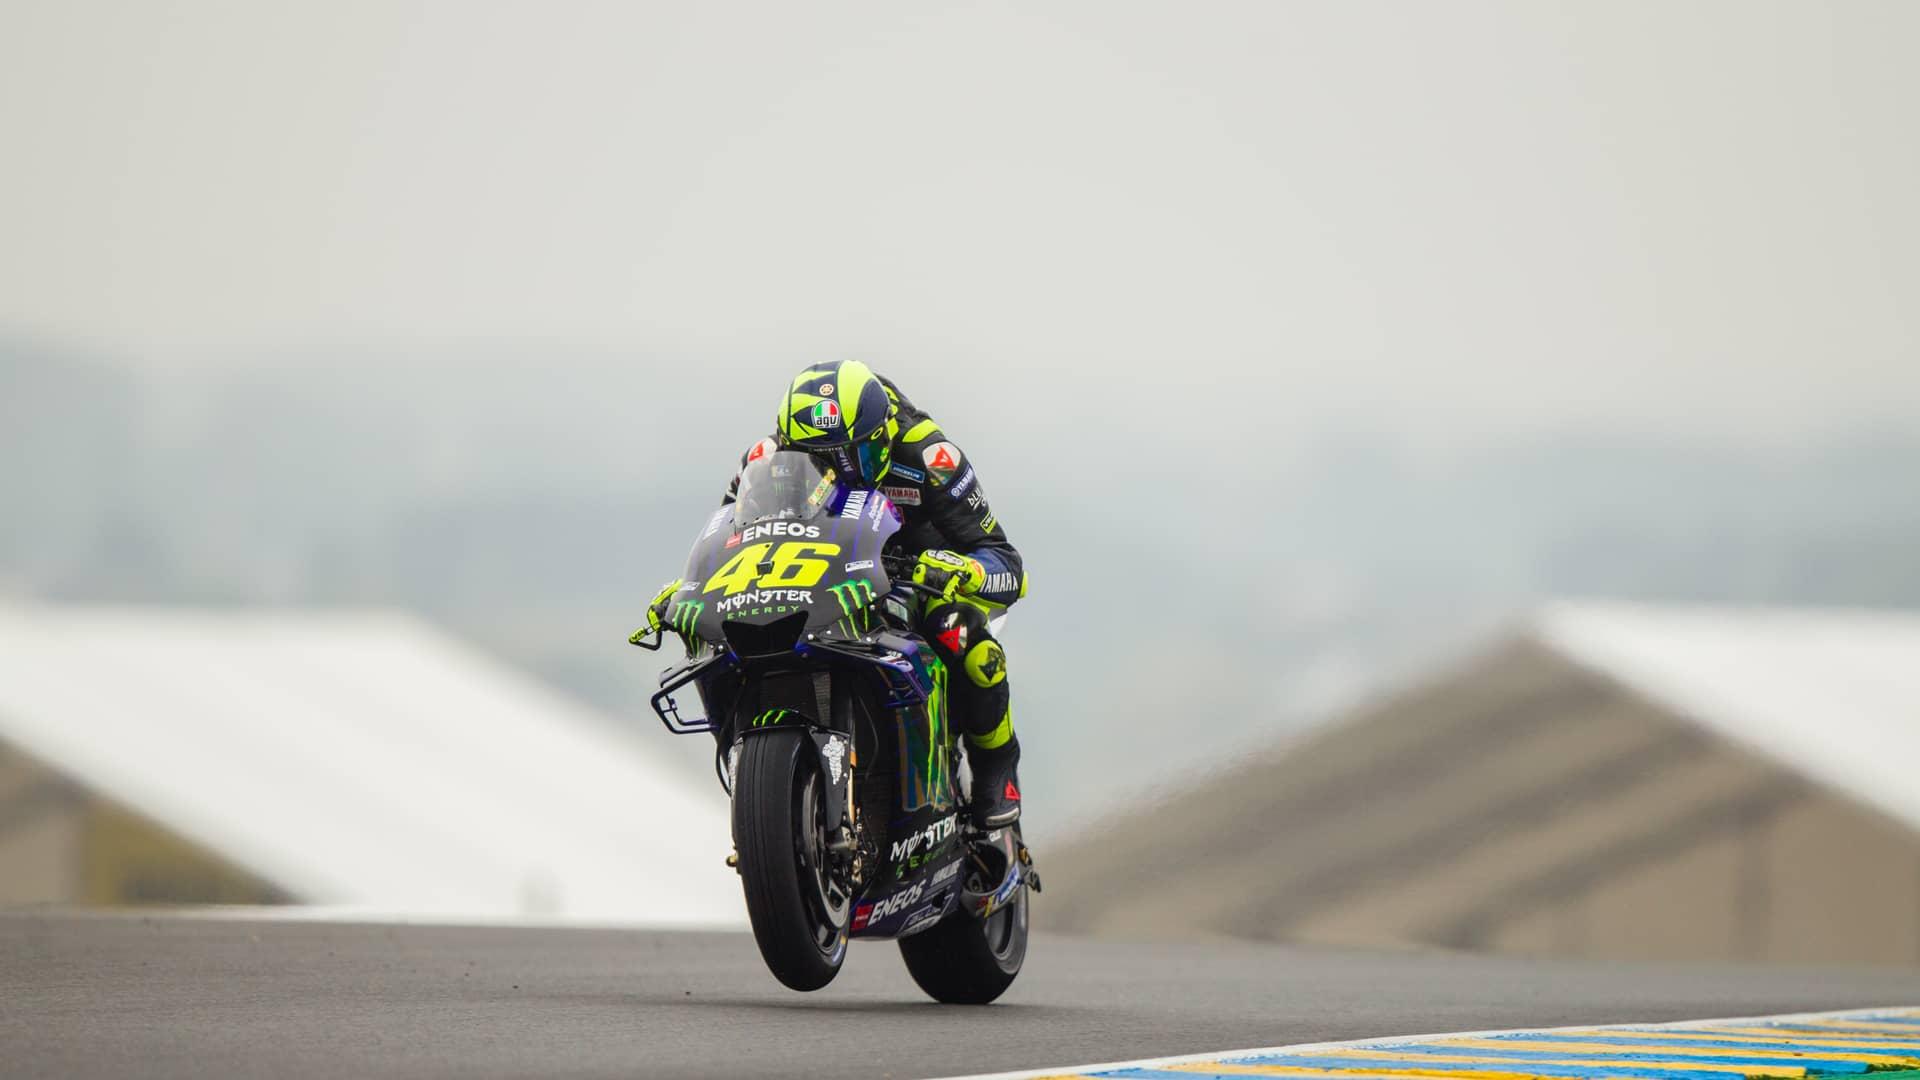 Gran Premio de Francia de MotoGP 2021: dónde verlo, fechas, horarios, circuito y pole position